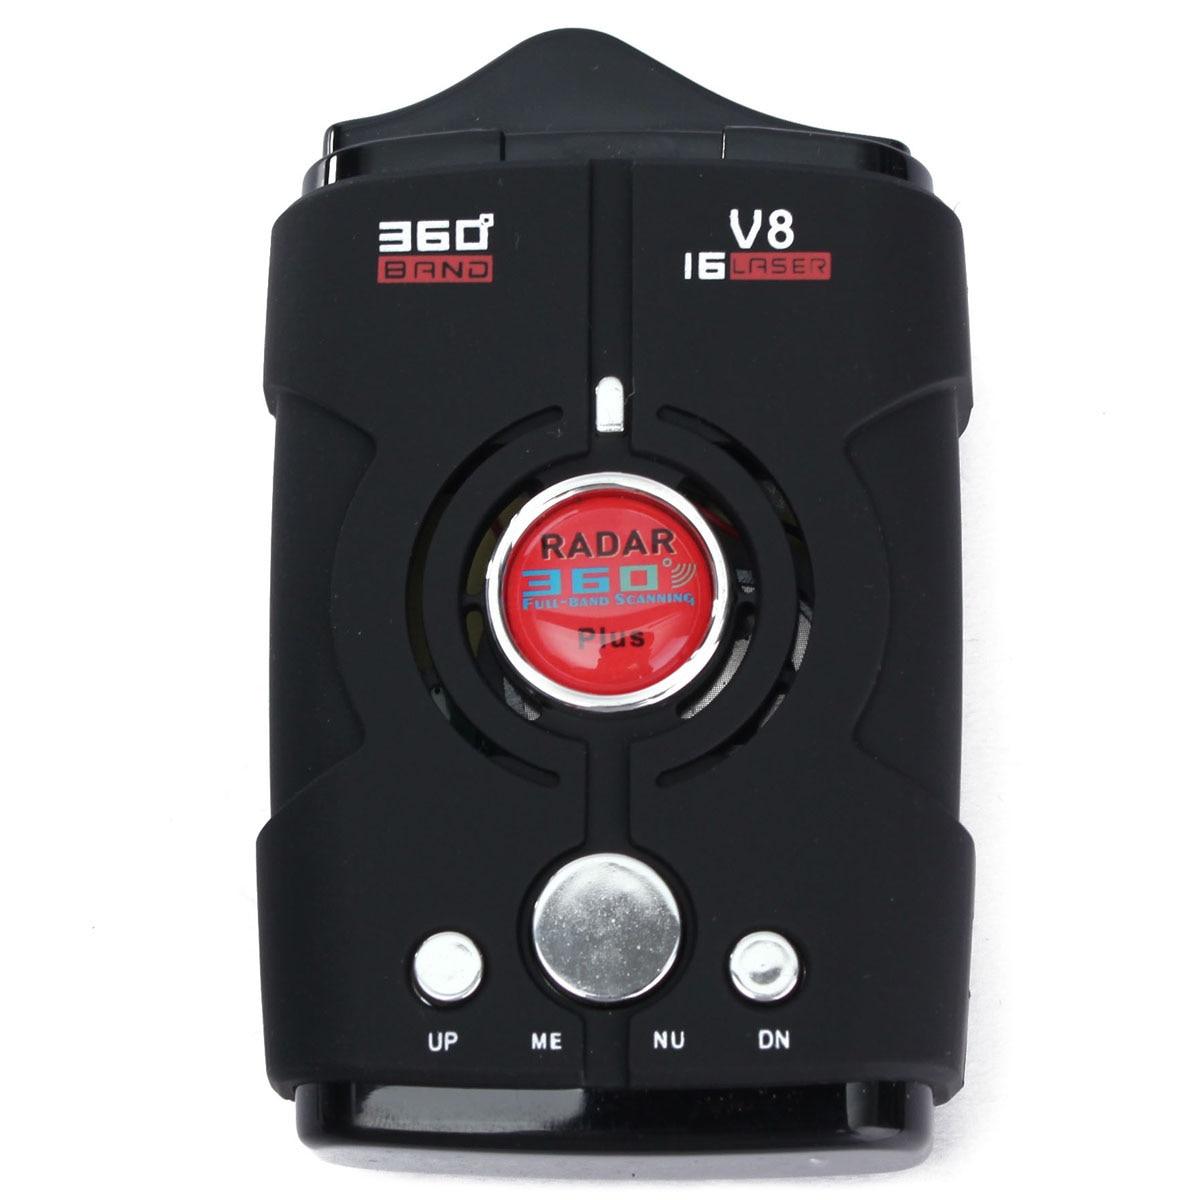 Laser Pistolet Radar De Vitesse Détecteur De Voiture Moto 16 Bande 360 Degrés V8 Nouveau